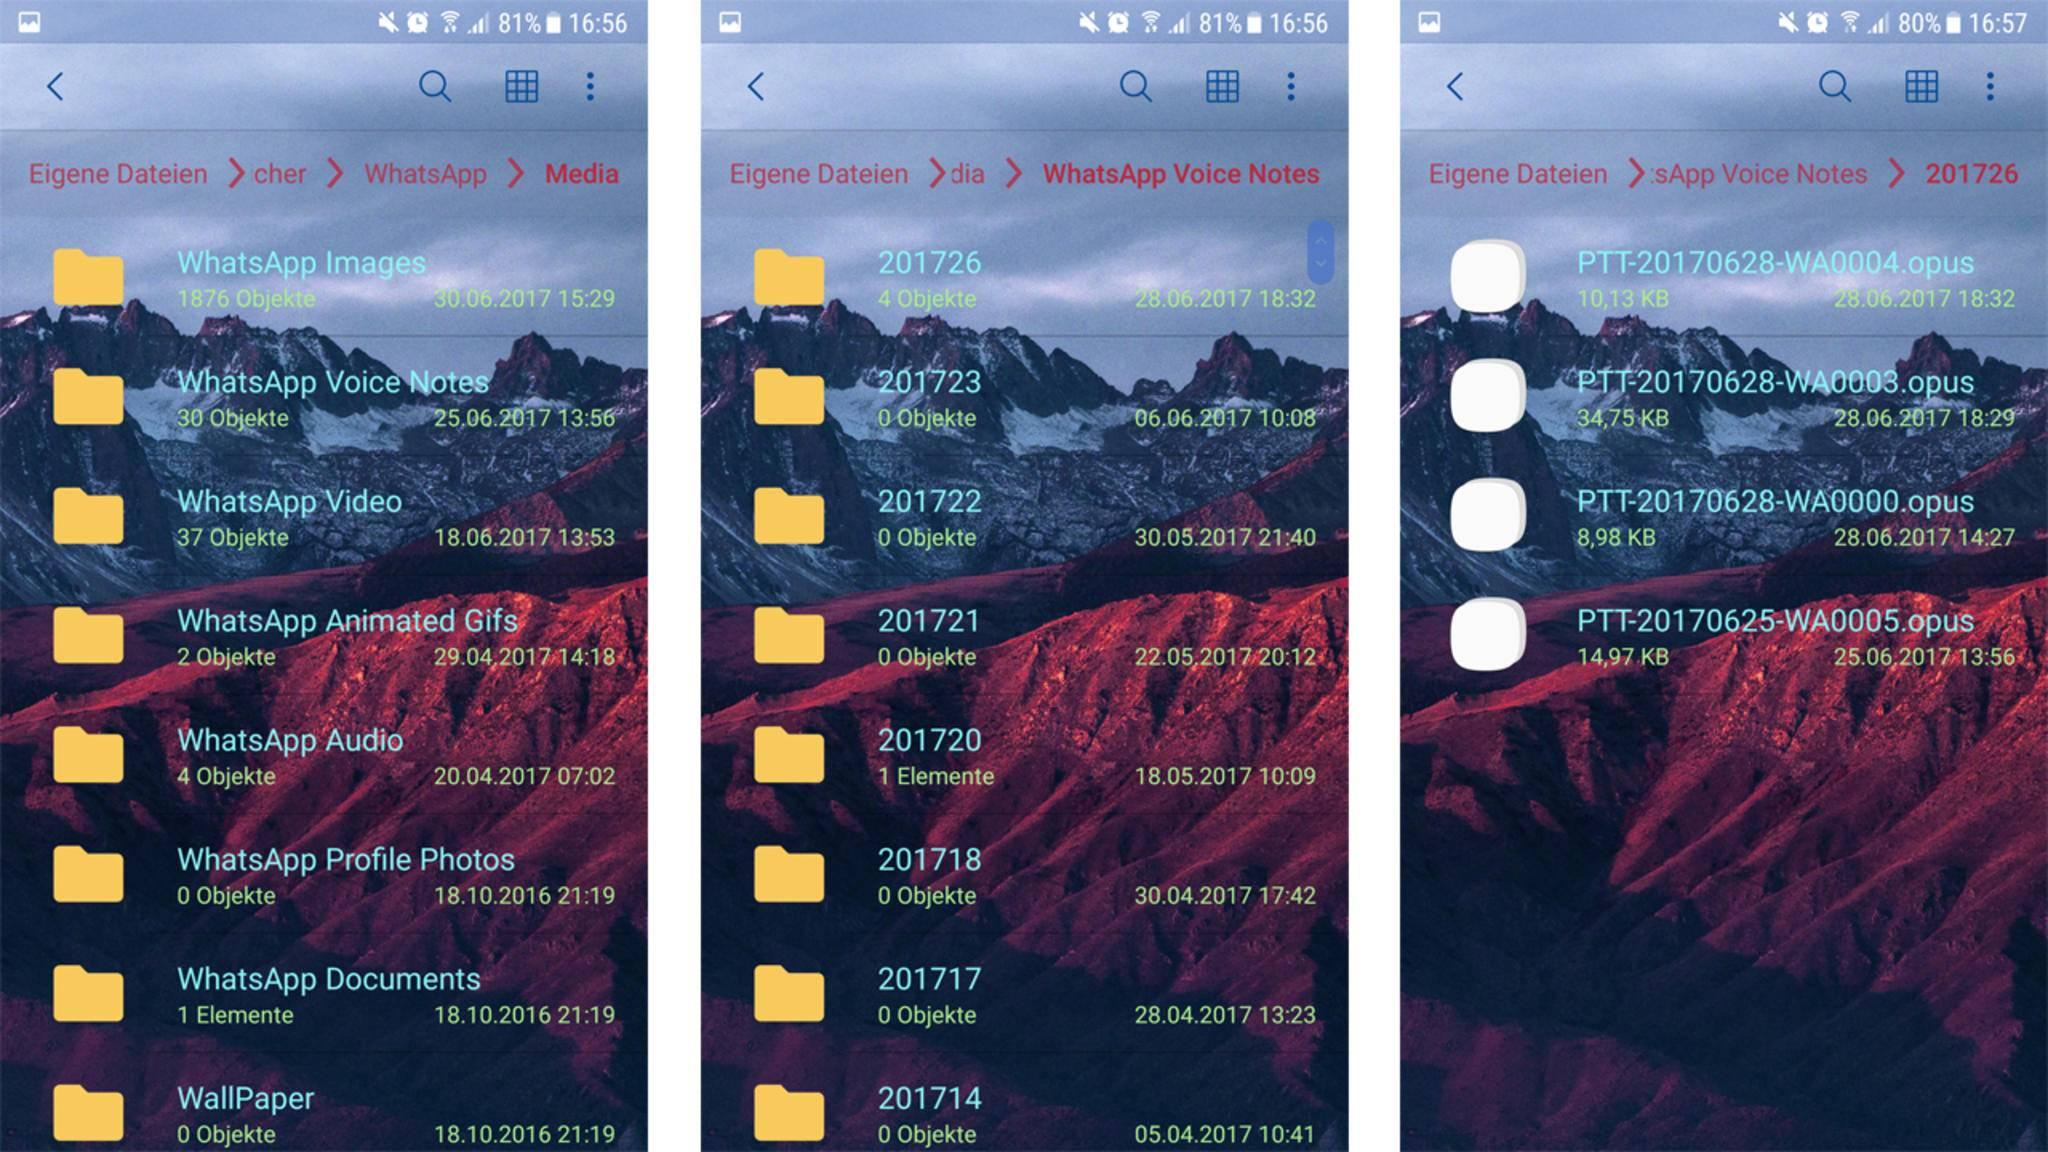 Whatsapp Fotos Auf Sd Karte Speichern.So Speichern Sie Sprachnachrichten Auf Android Elorme